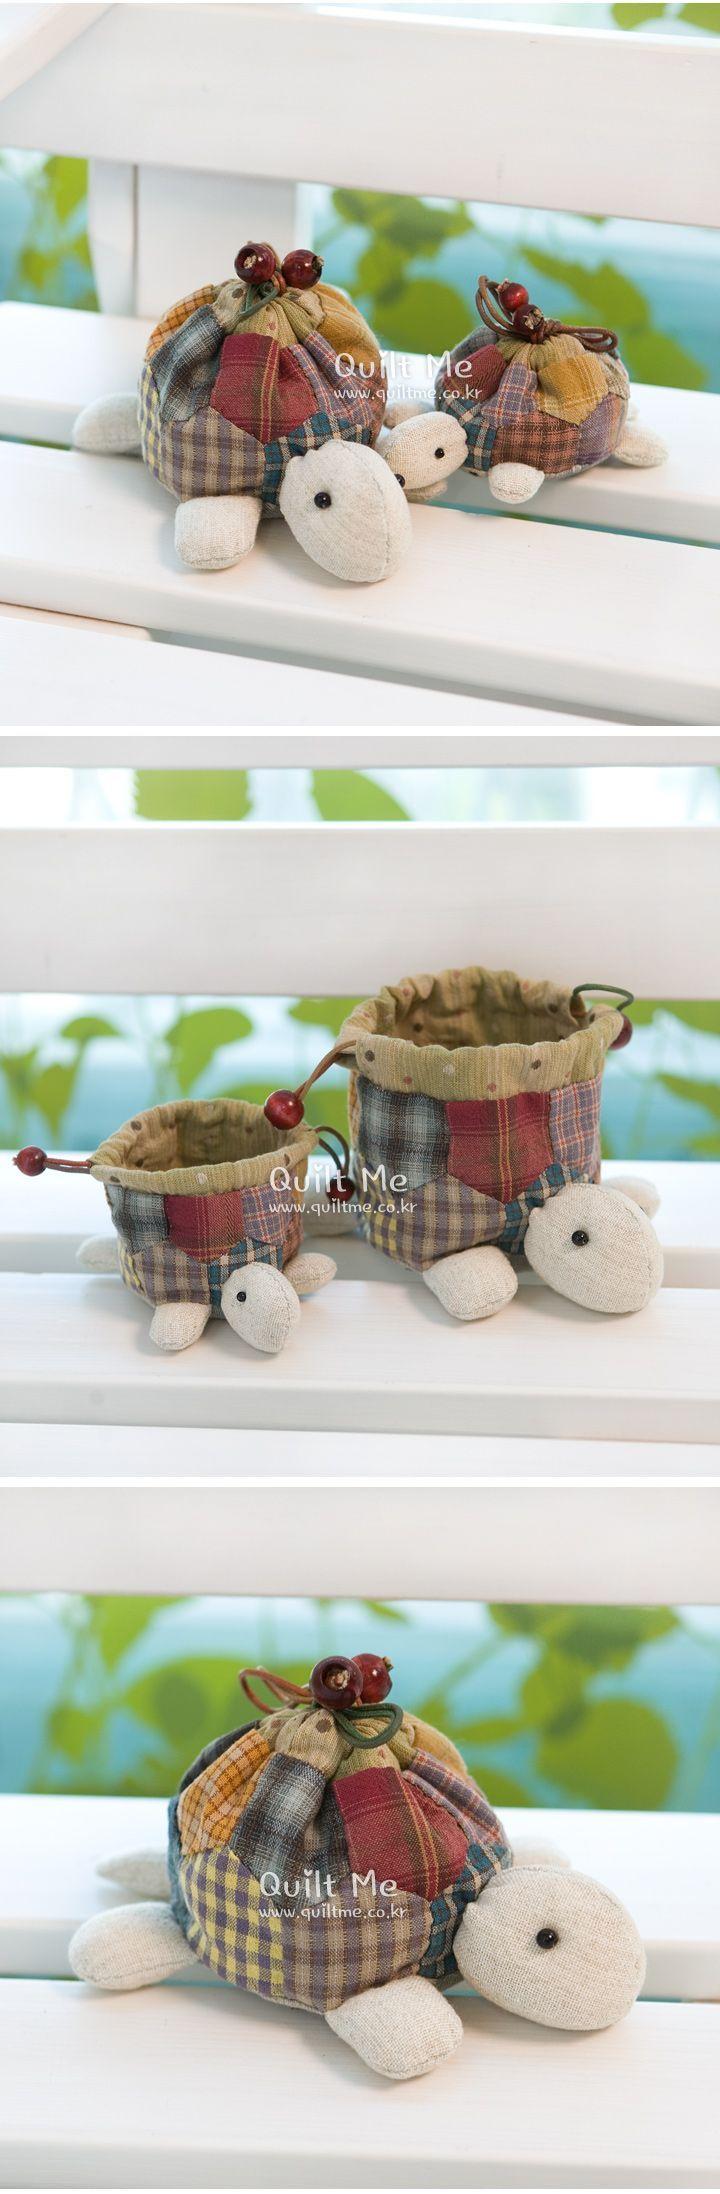 Turtle bag, this is so sweet! Link leads to site with characters, kind of shop I think. Schildpadzakje, heel schattig. Link leidt naar soort shop vlgs mij, kan het niet lezen.: